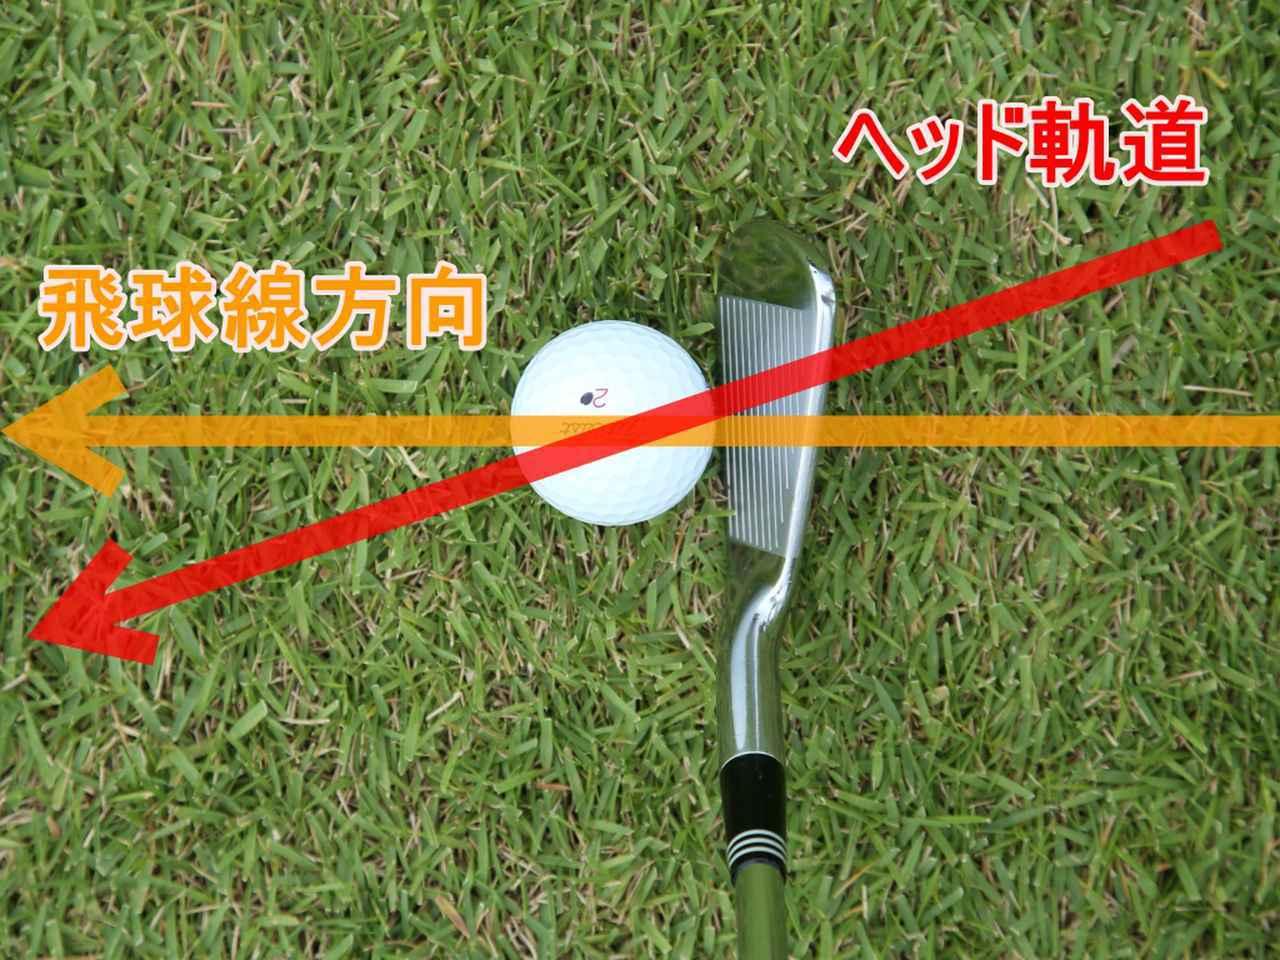 画像: ボールに対して体の外側からインパクトして内側へ抜けていくのが、アウトサイドイン軌道